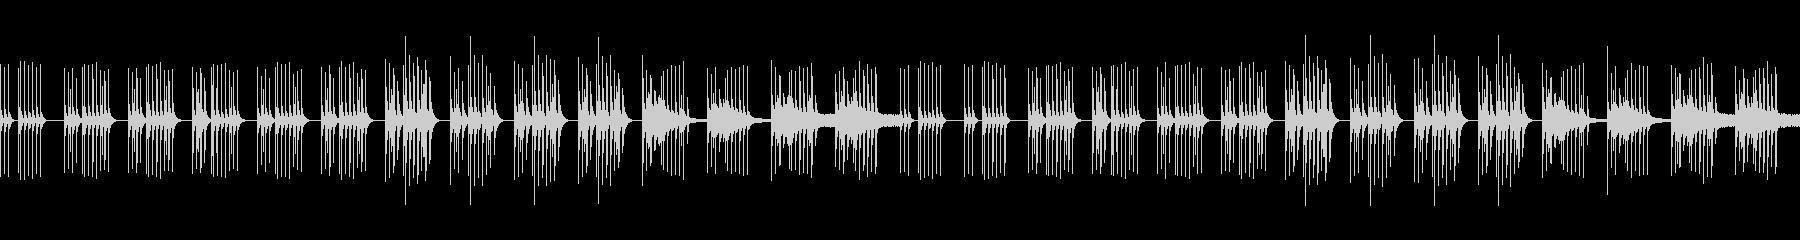 ほのぼのコミカルな日常系BGMの未再生の波形